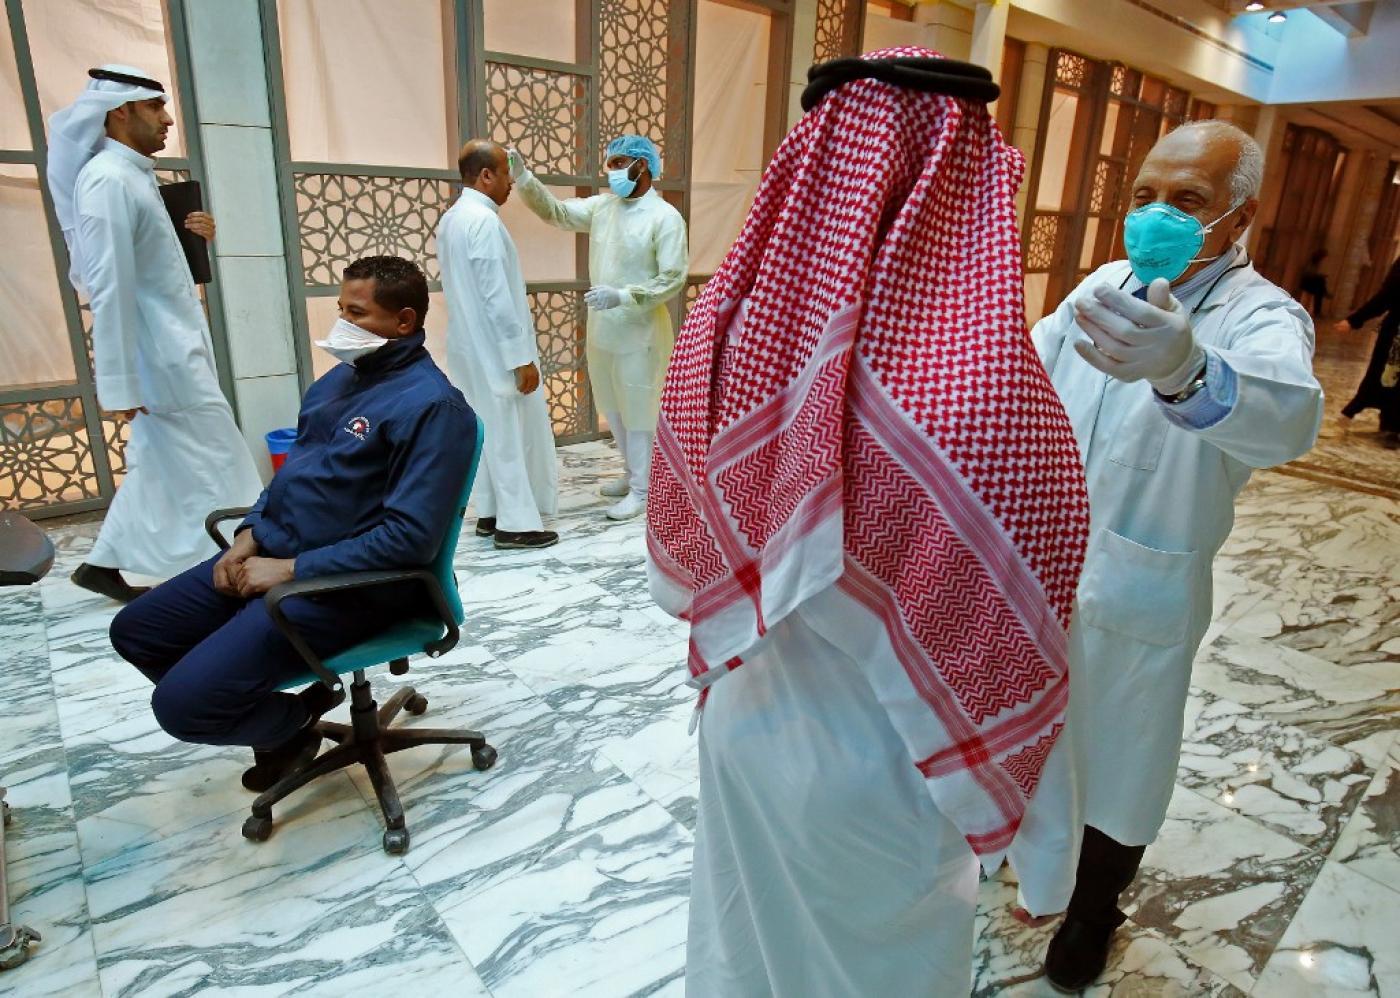 कुवैत ने की 30 जुन की कोरोना रिपोर्ट जारी, बेहतर हैं रिकवरी के मामले